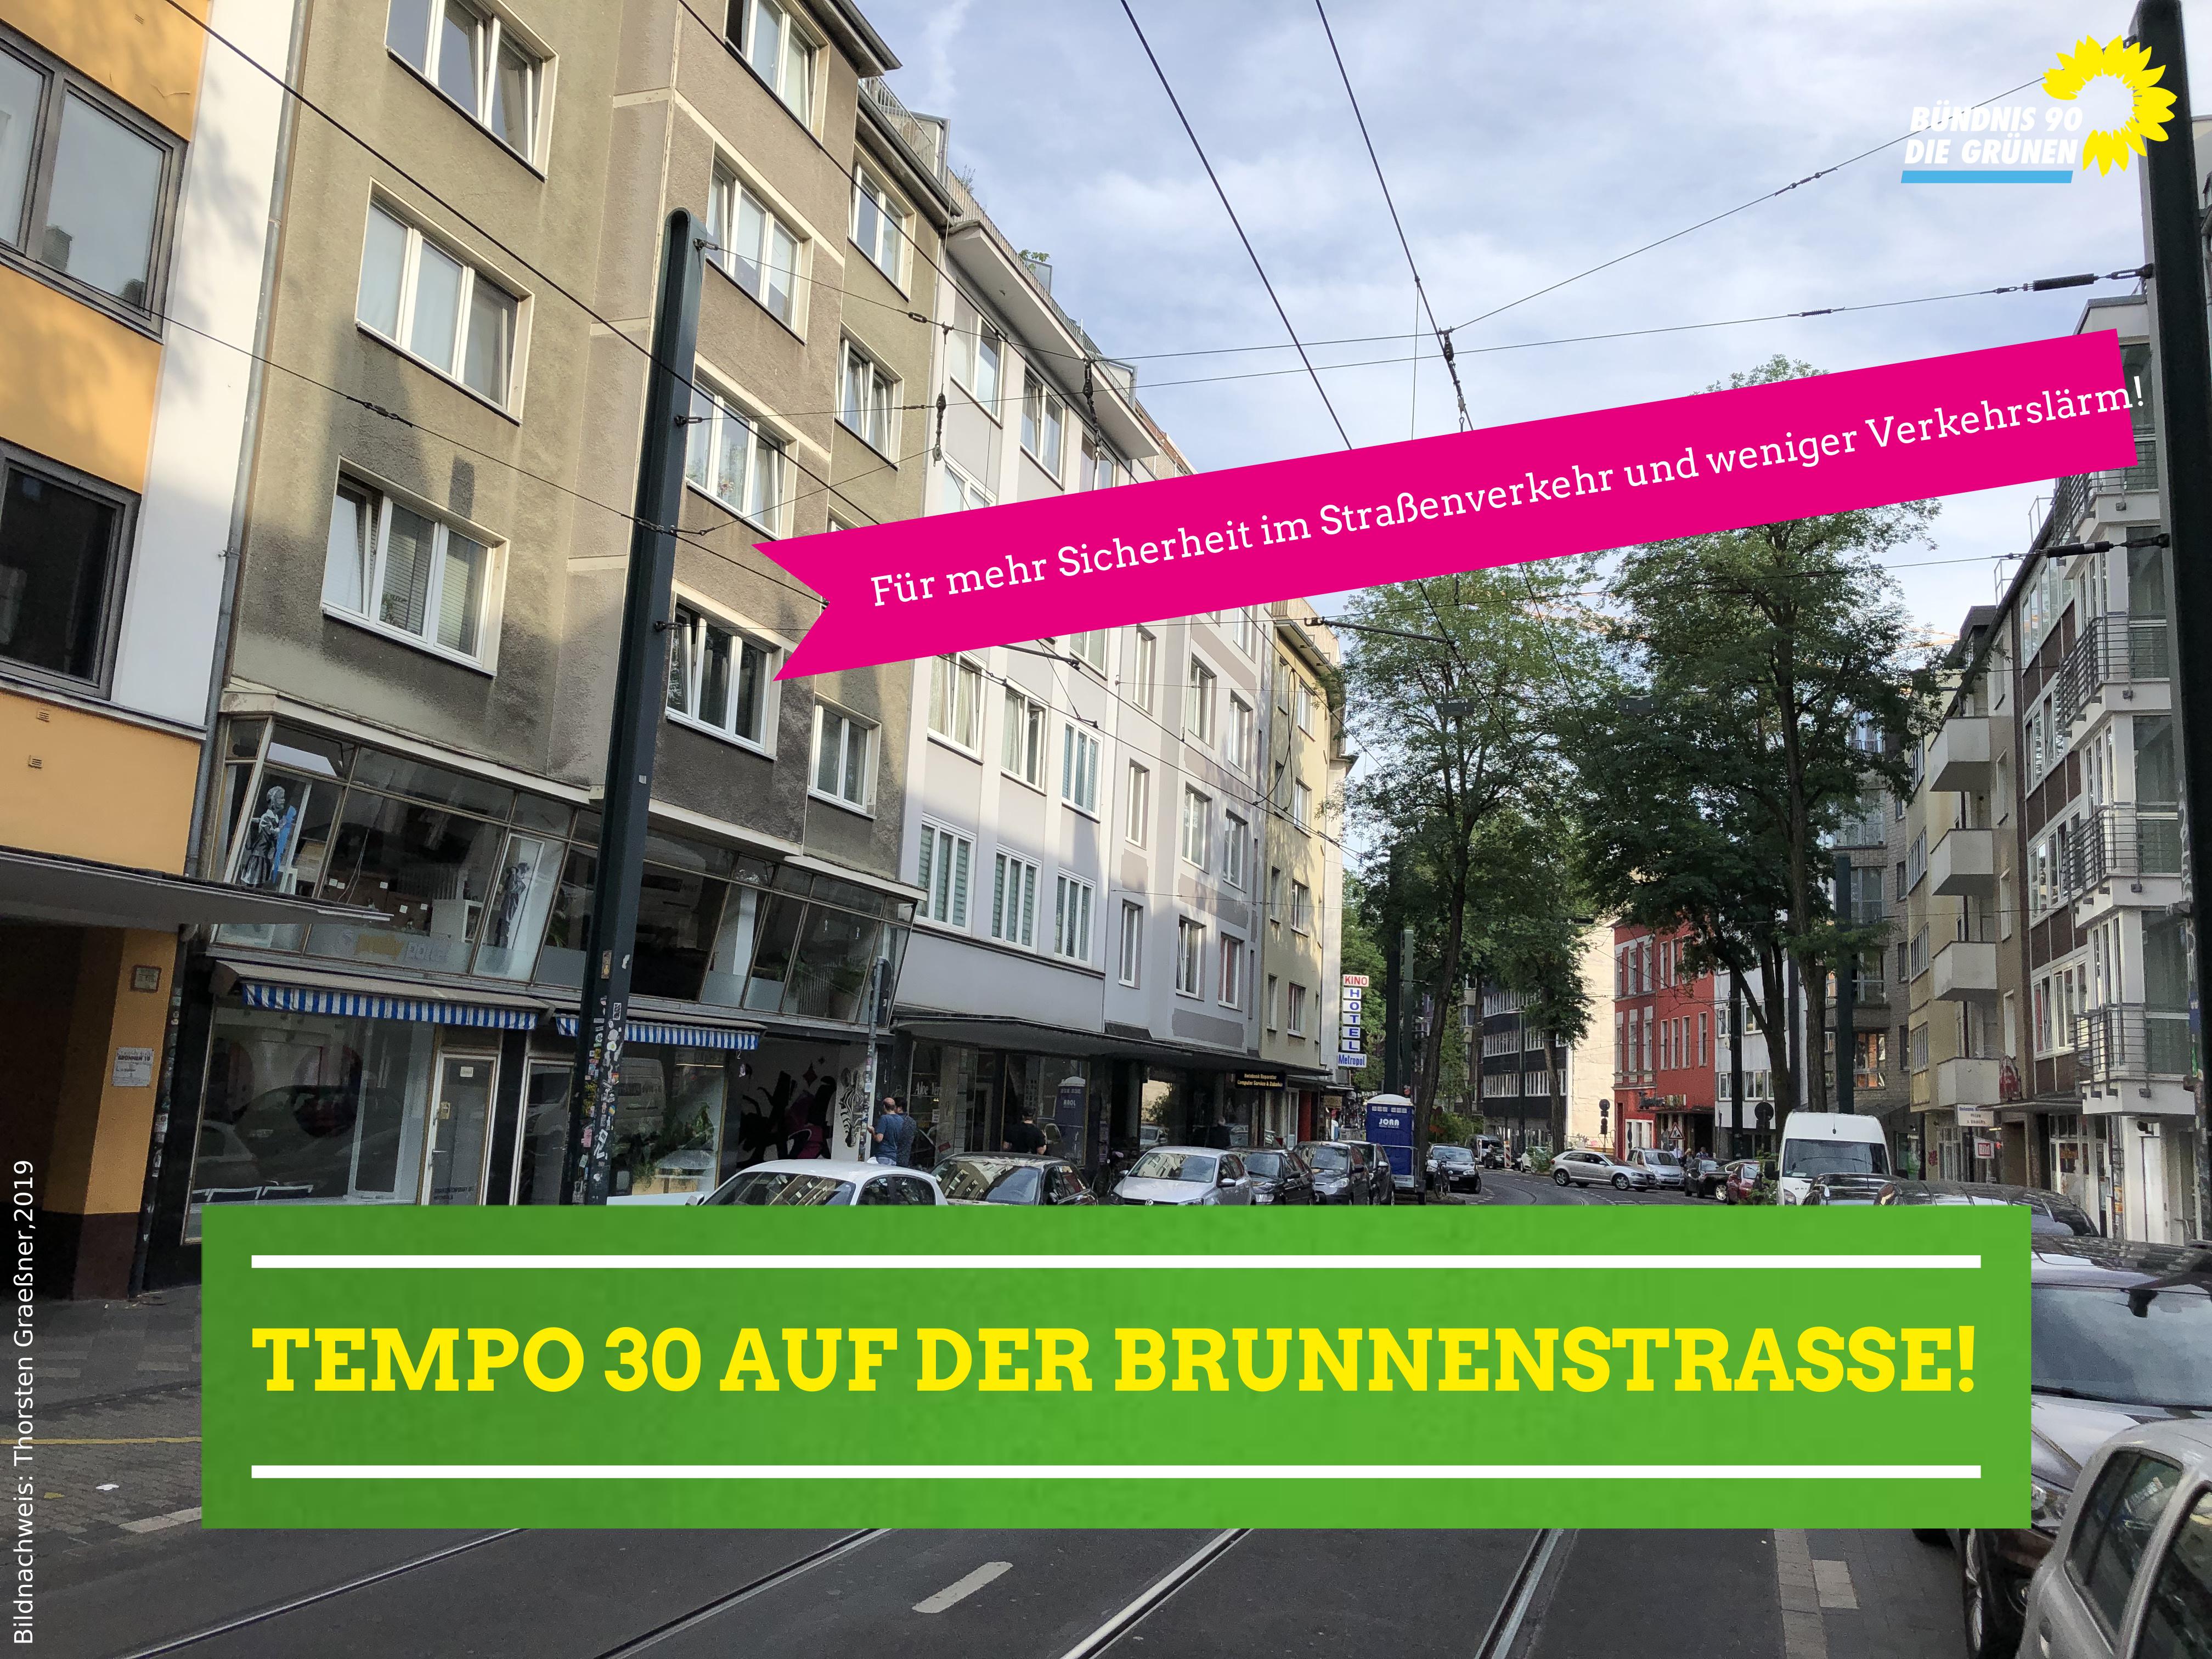 Tempo 30 auf der Brunnenstraße